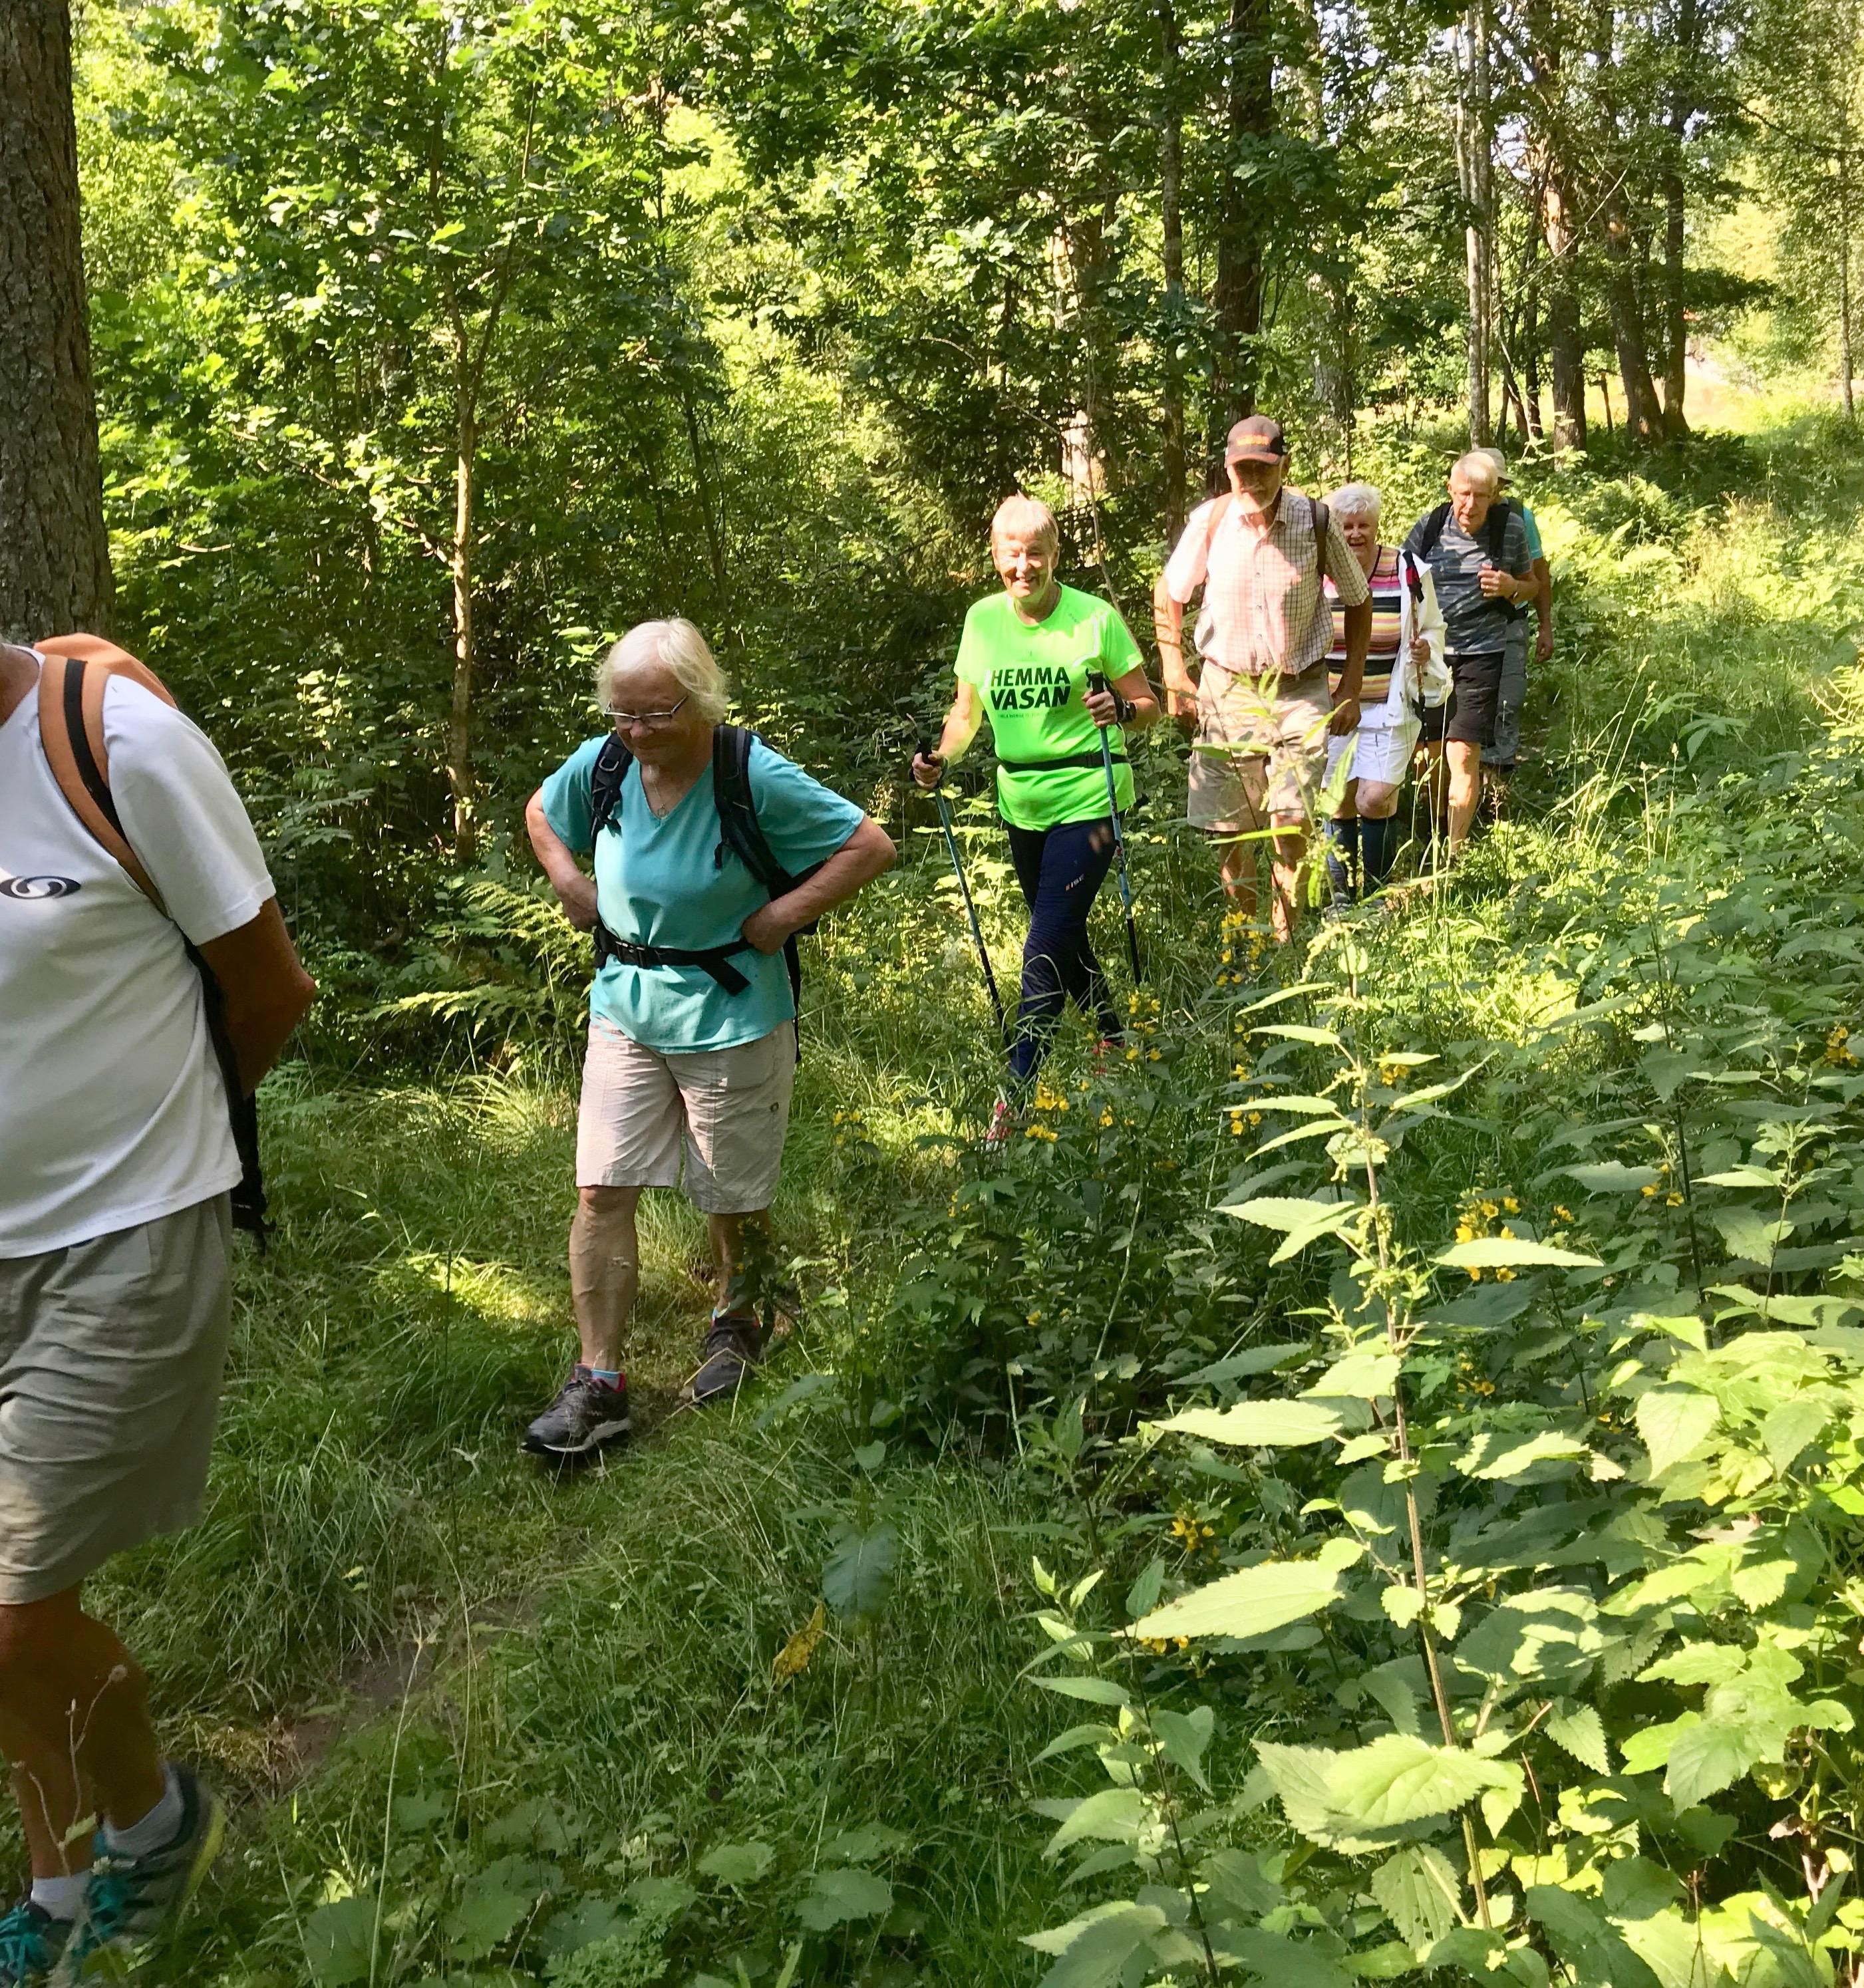 Vidare på Bauerleden förbi Nannyberg i yppig vegetation.